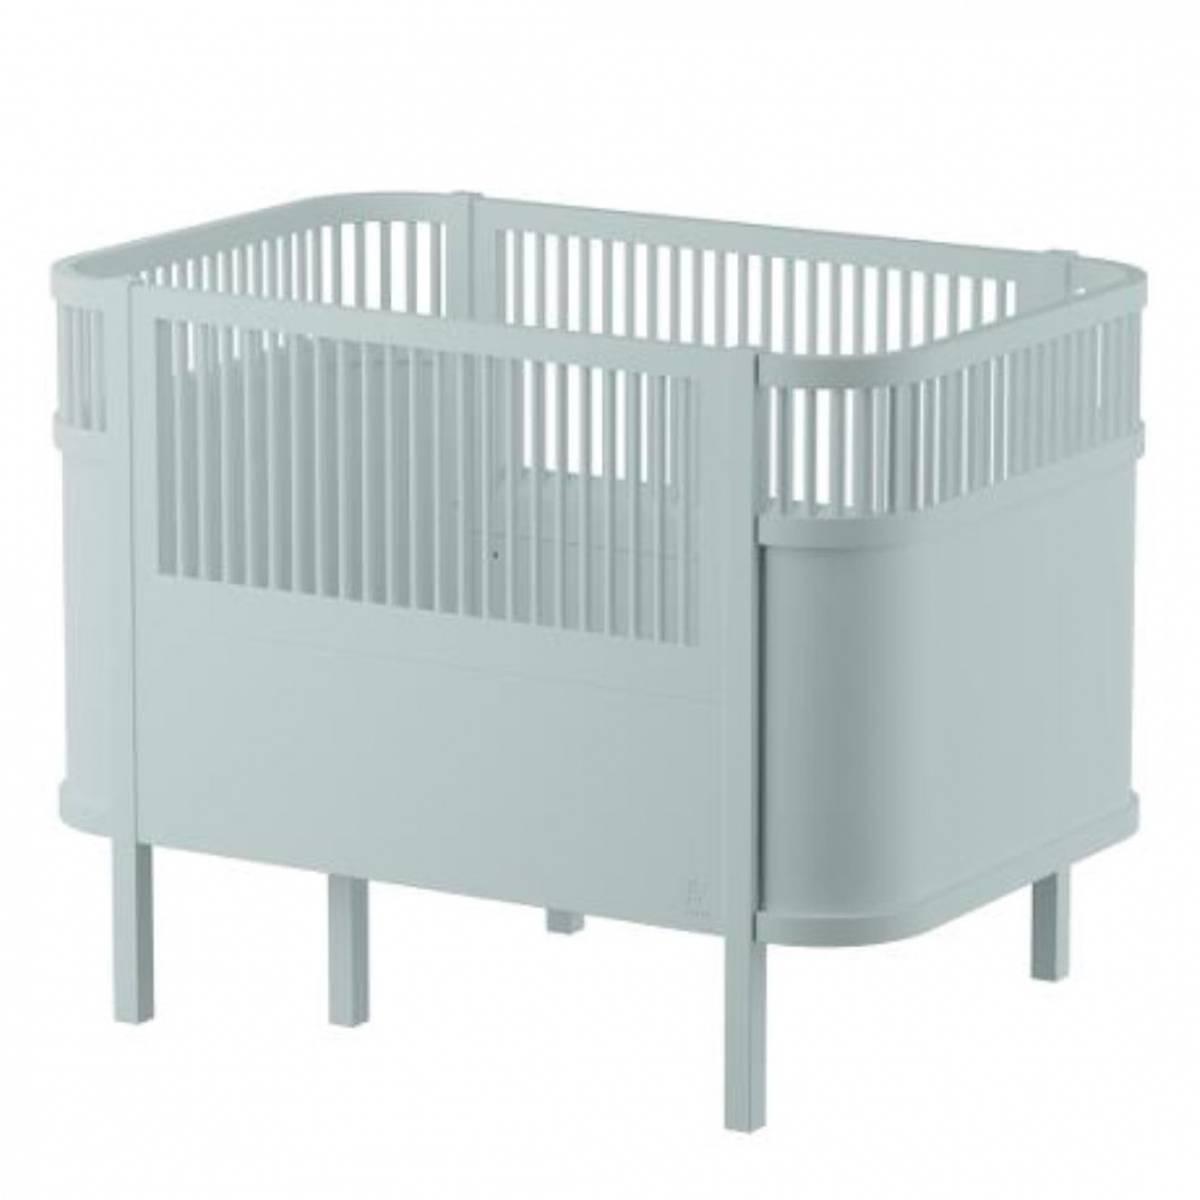 sebra sengen Baby & classic Mist green